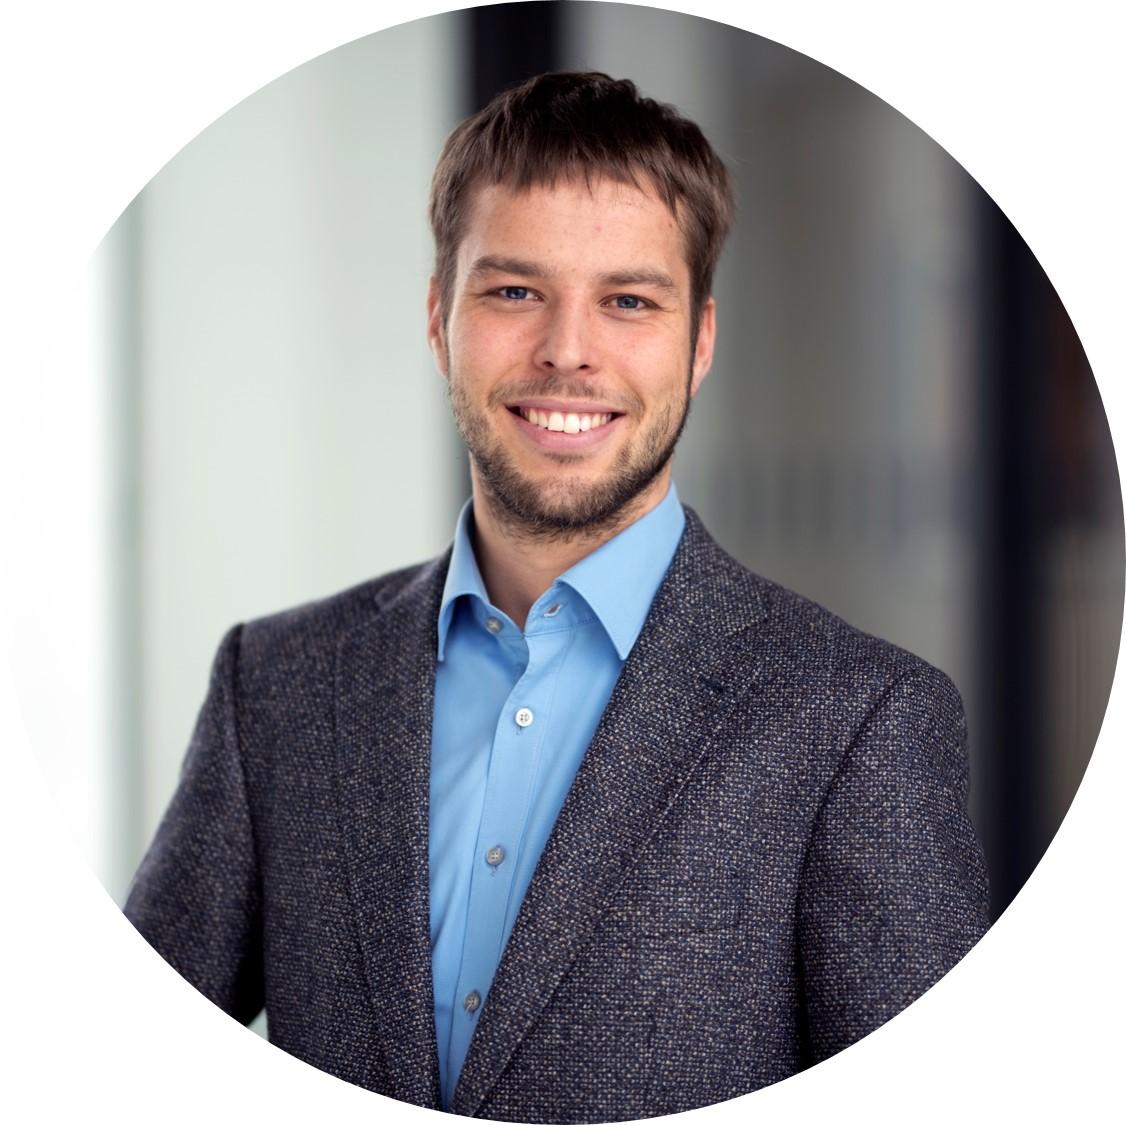 Zu sehen ist das Profilbild von Julian Mast.